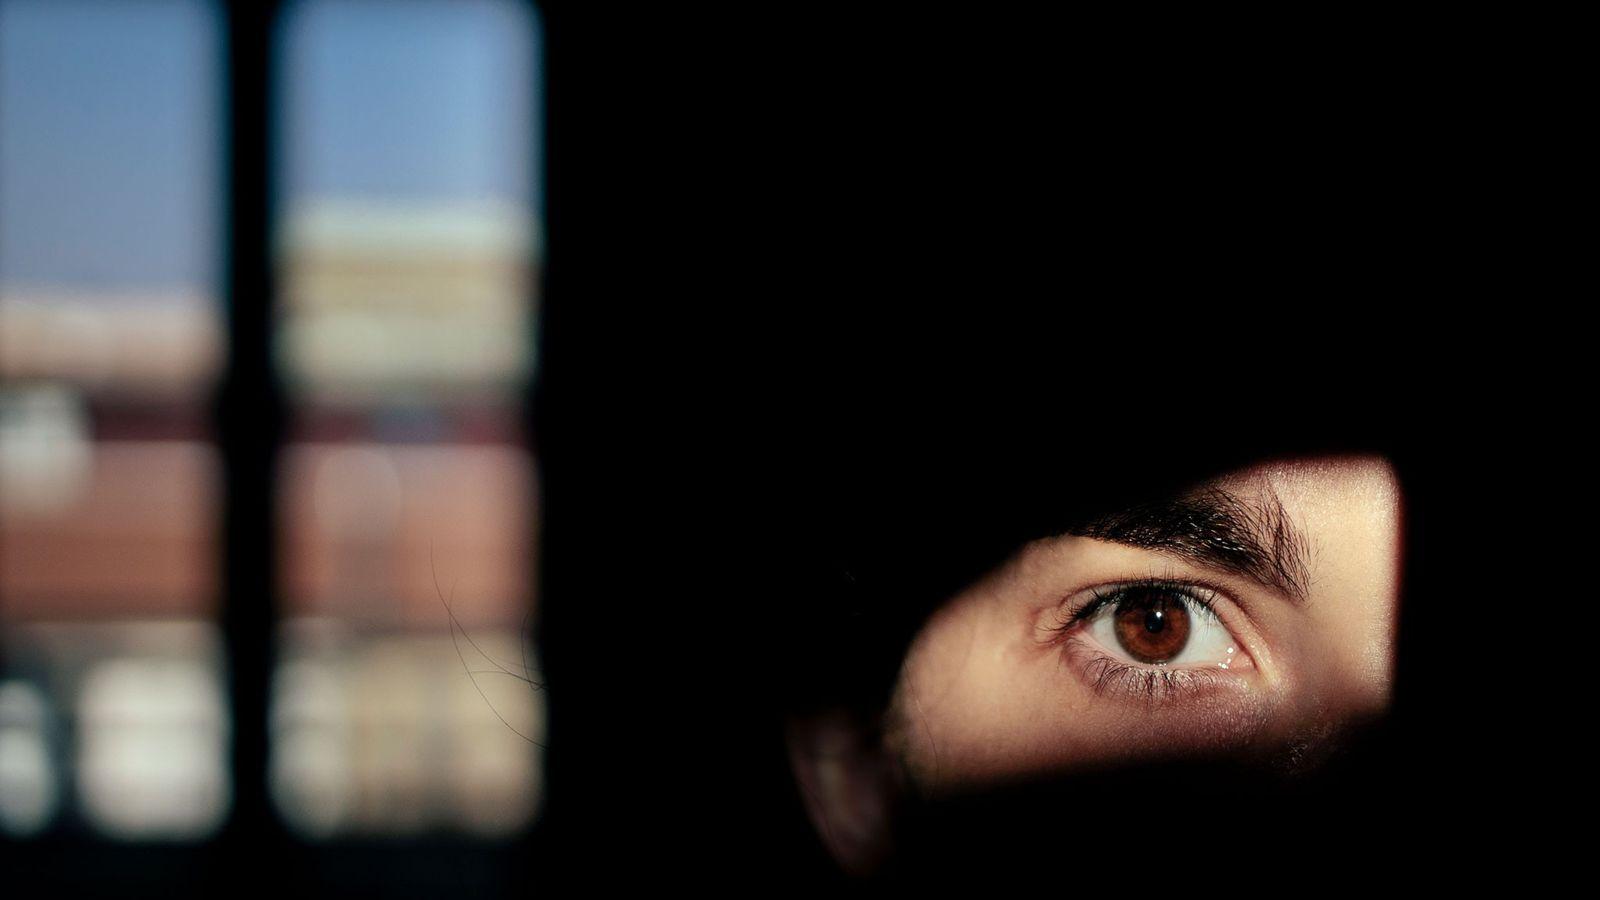 La fotógrafa Camilla Ferrari se autoretrata en su cuarentena en Milán. Los psicólogos están comenzando a ...